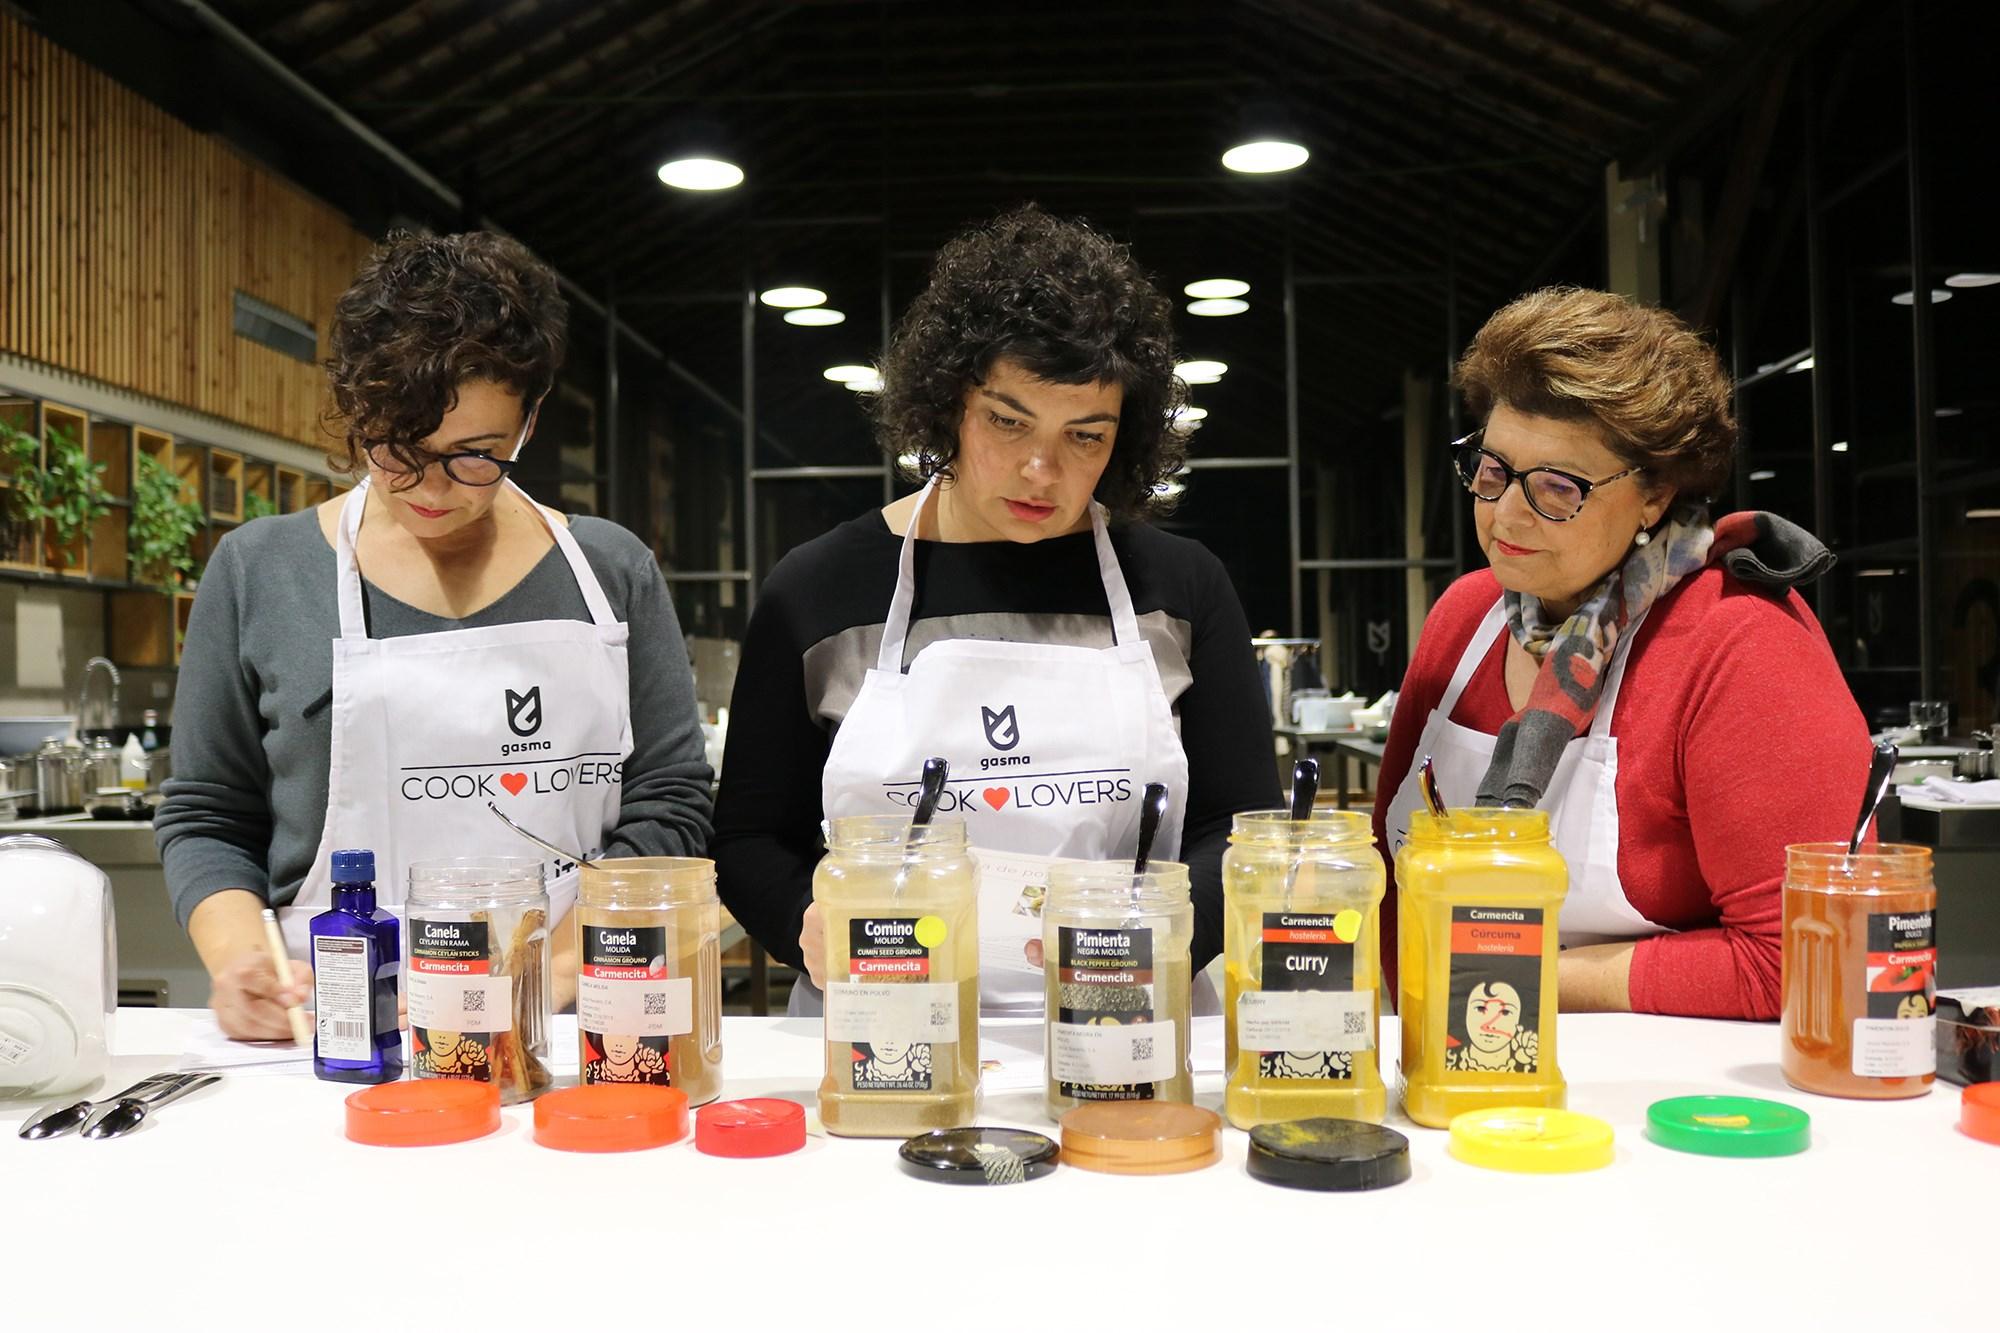 Carmencita es colaboradora de Gasma y sus cursos para aficionados Cooklovers